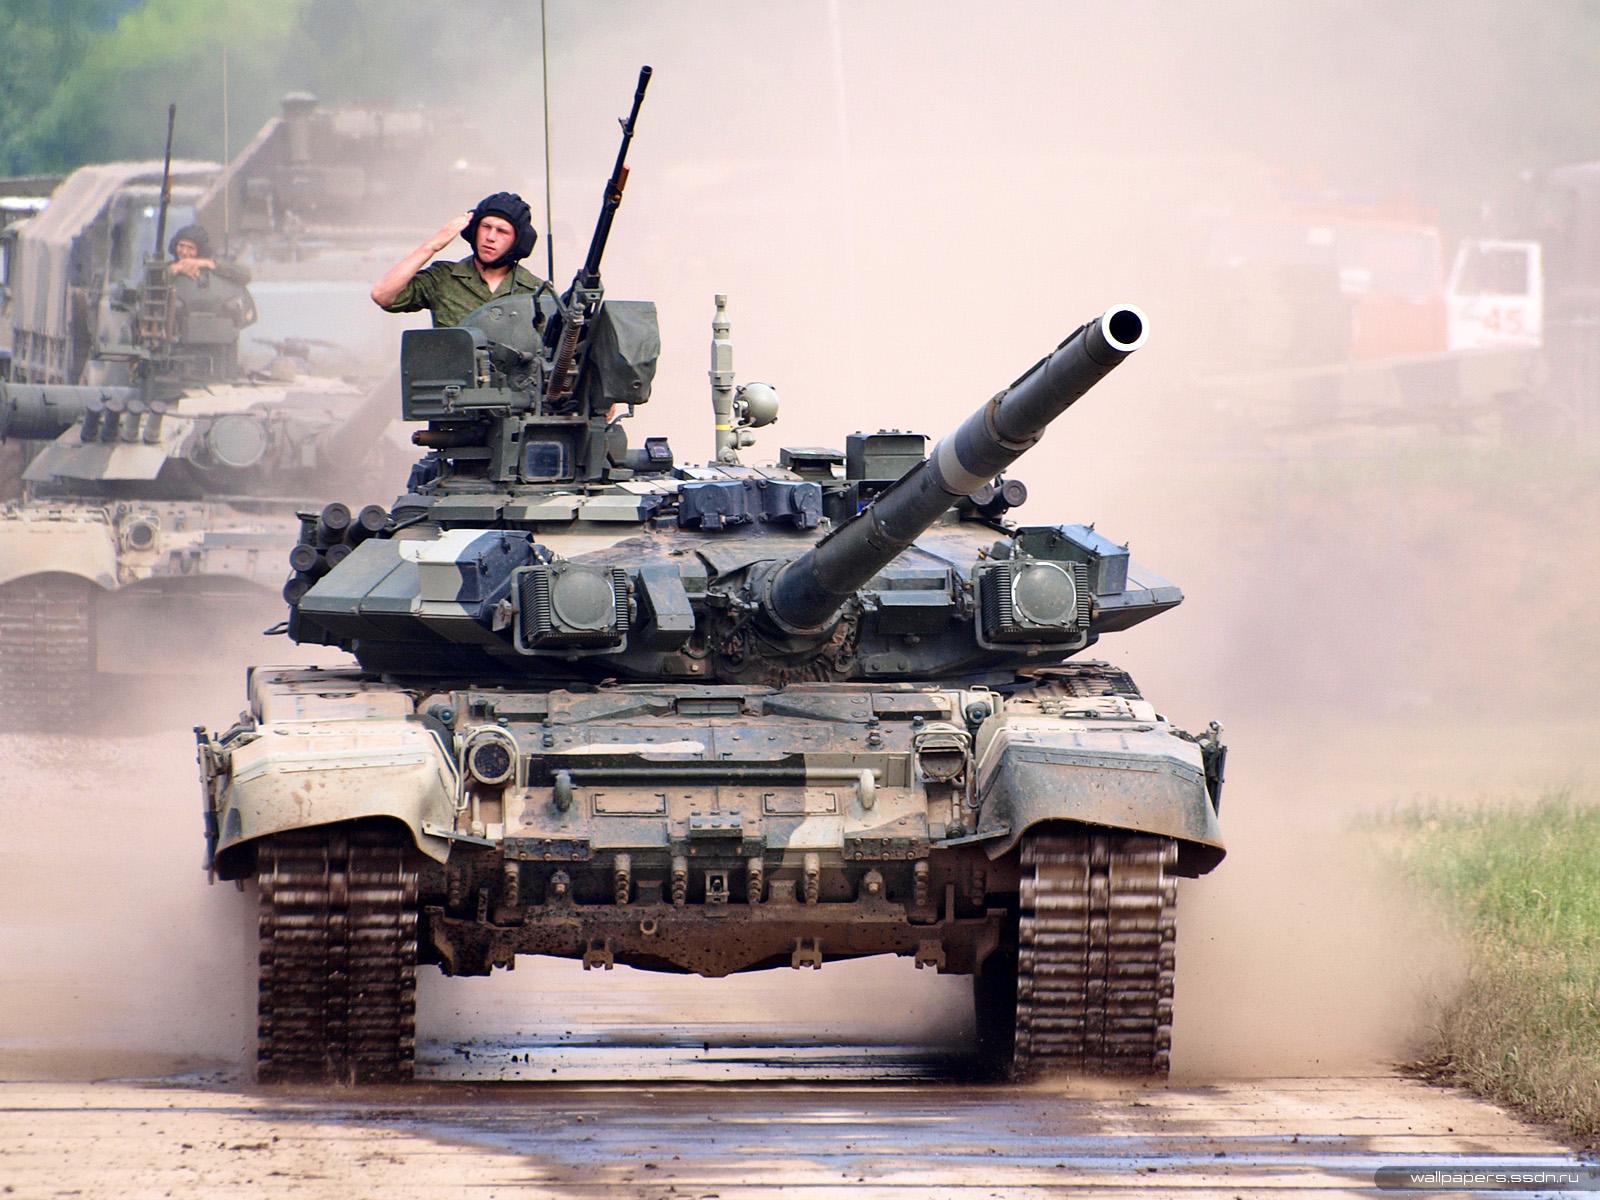 Дата 23 Декабря 2012 101239. танкист. российский основной боевой